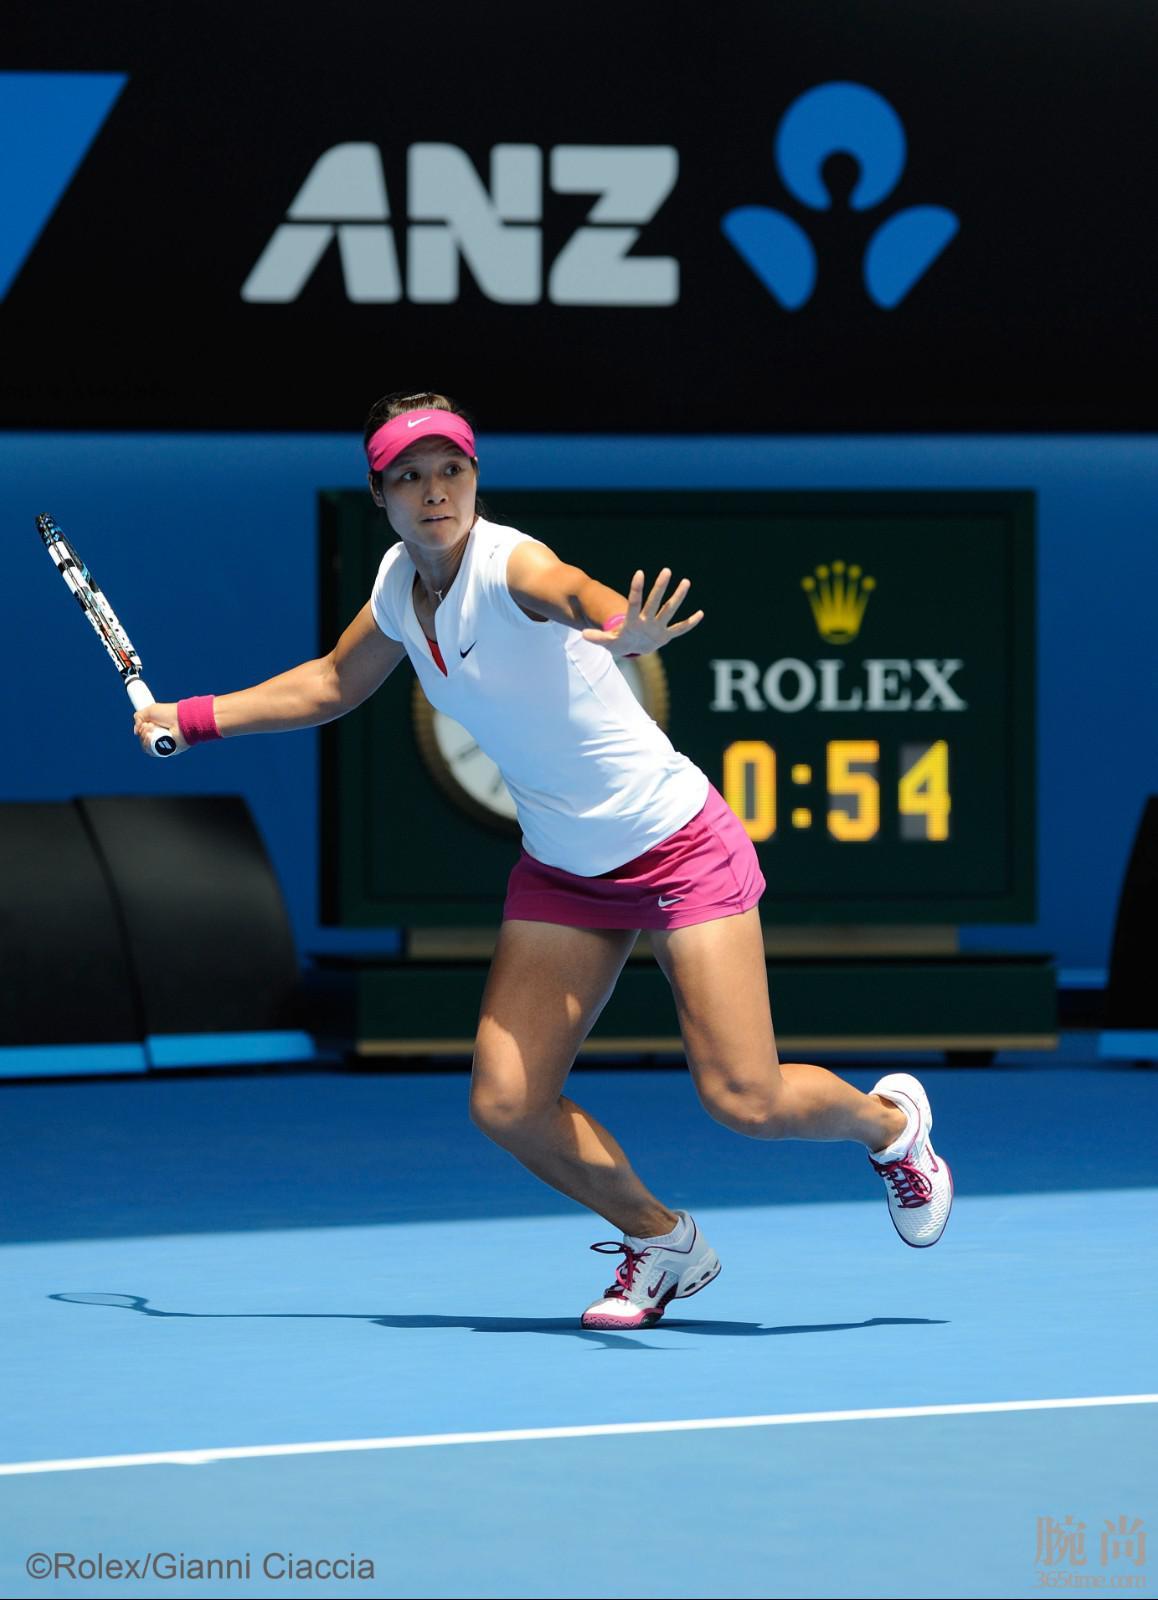 劳力士代言人李娜于2014年澳大利亚网球公开赛©Rolex Gianni Ciaccia.jpg